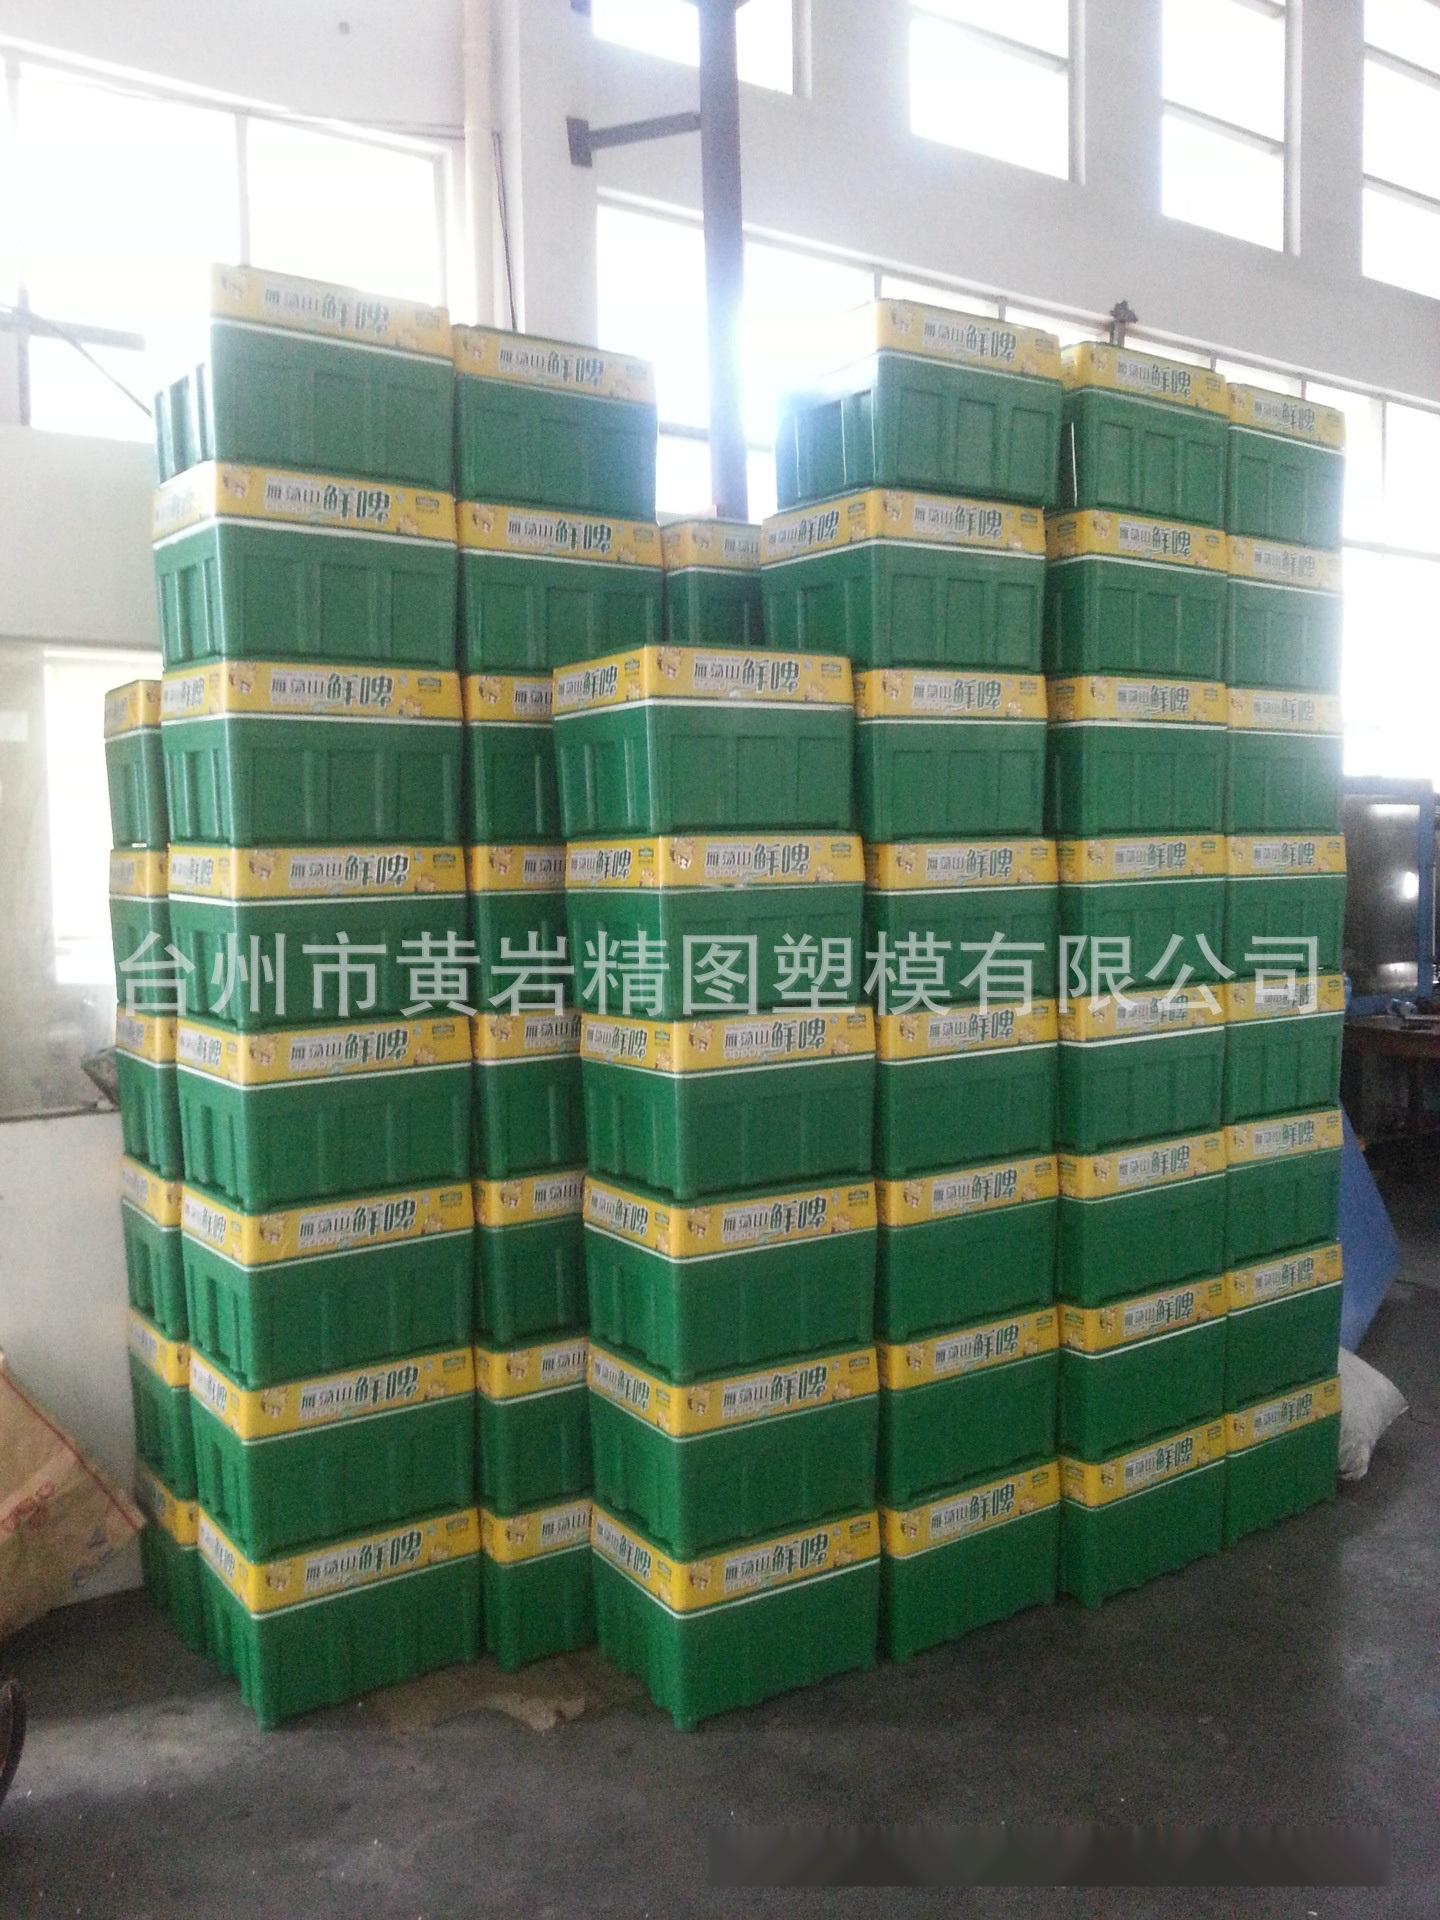 啤酒保鲜箱20140718_171021